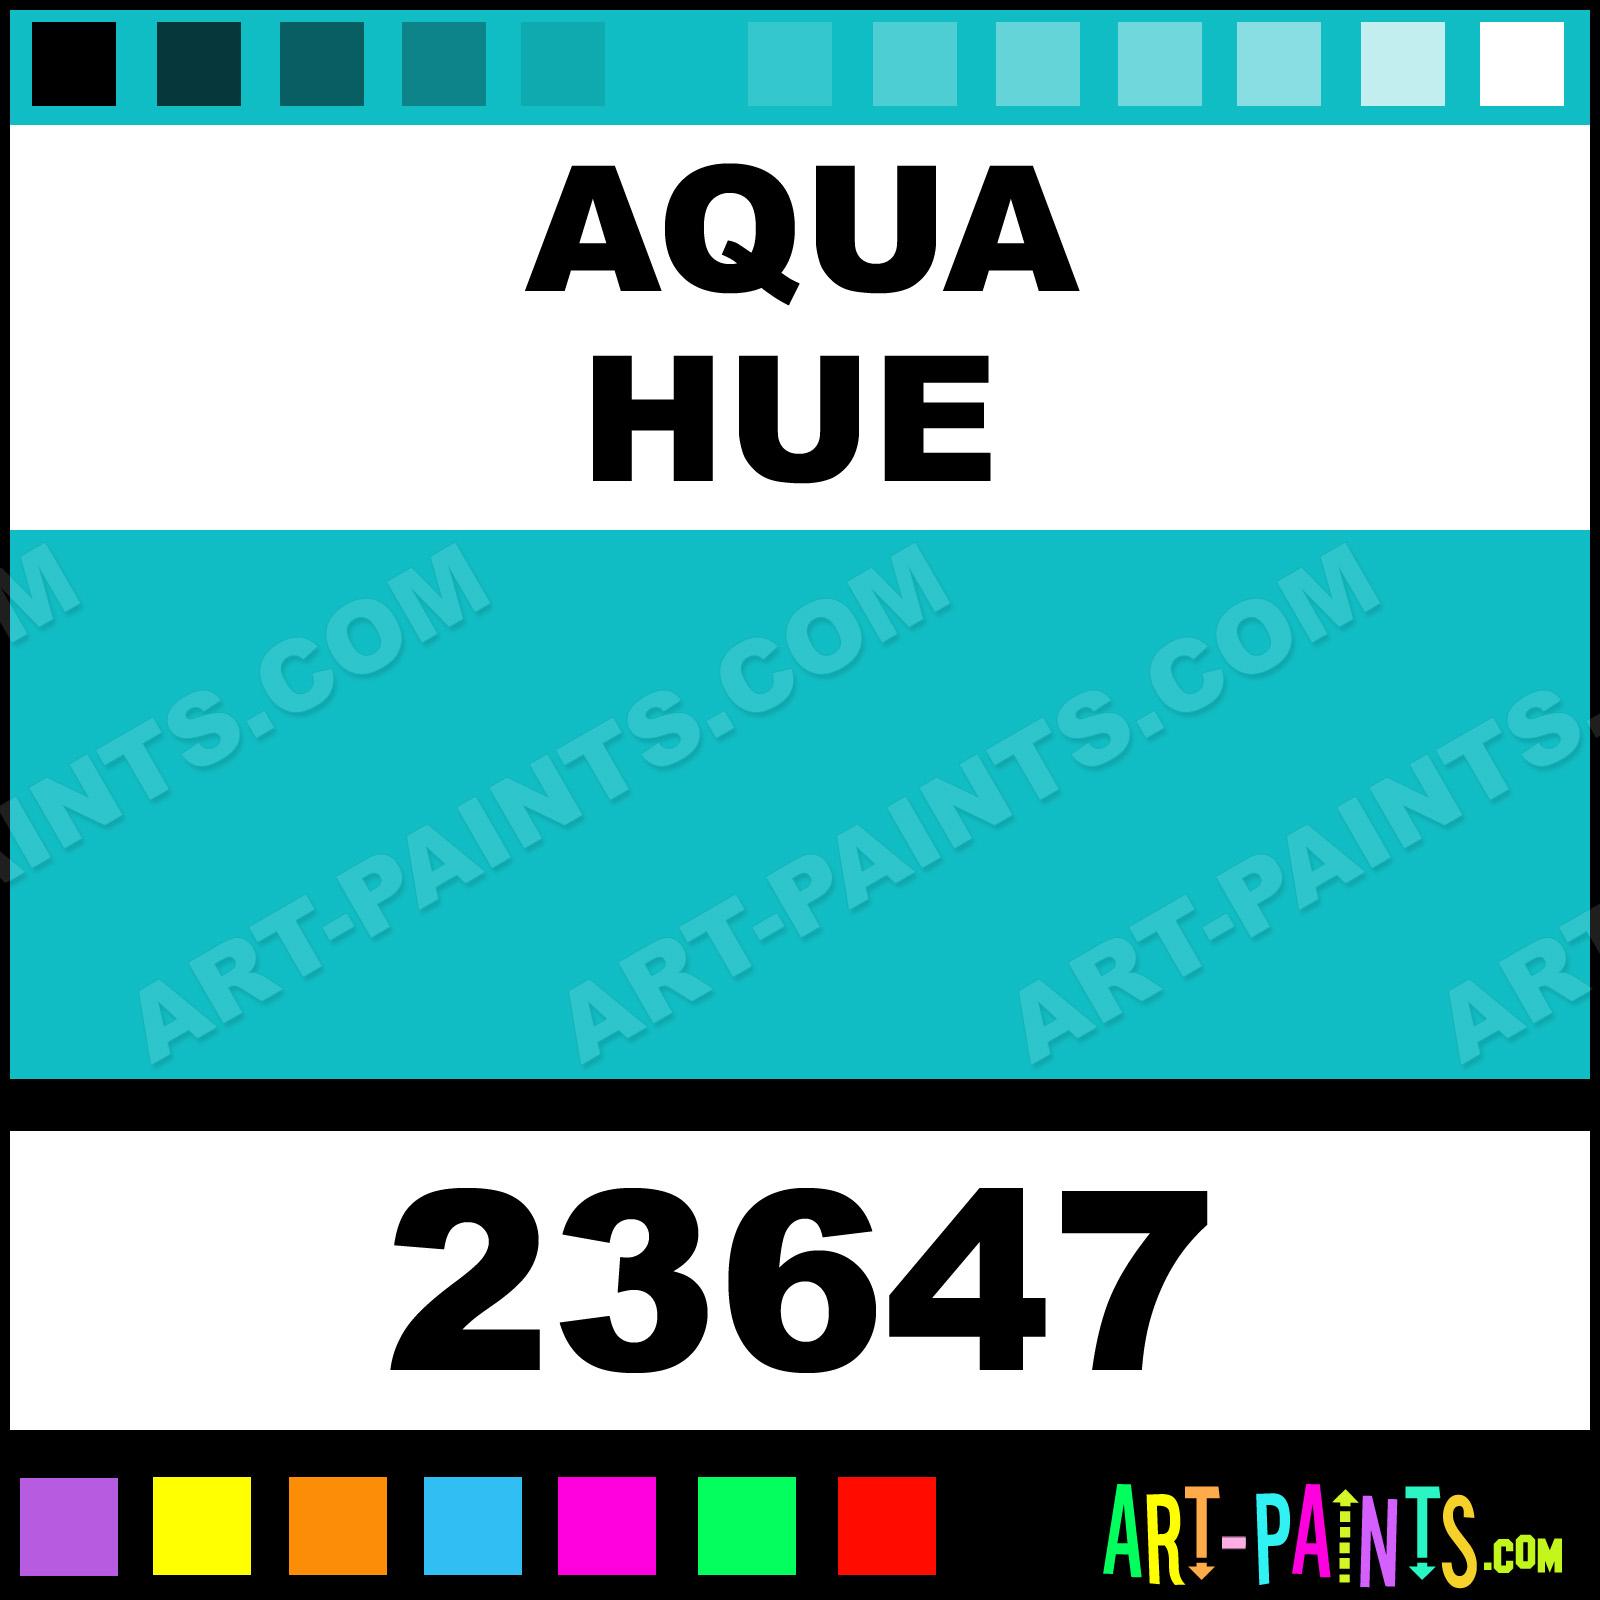 aqua artist acrylic paints - 23647 - aqua paint, aqua color, craft